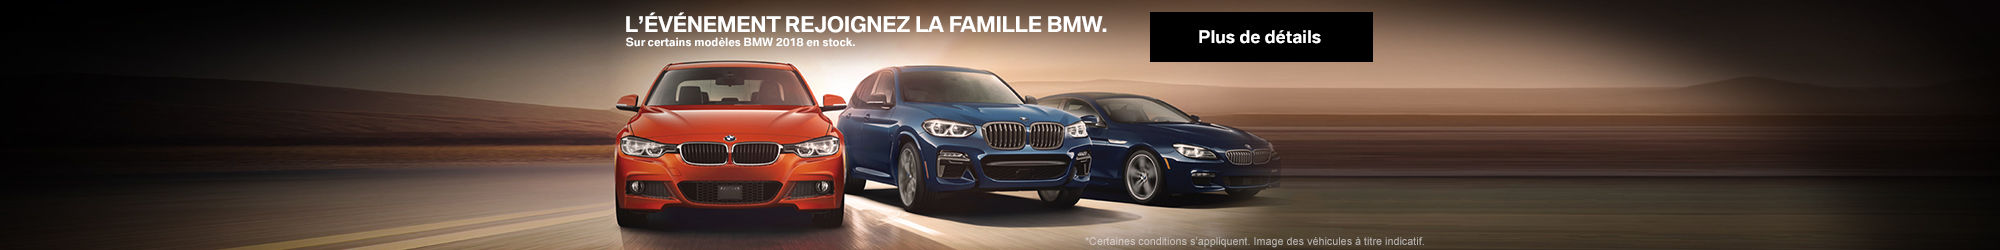 L'ÉVÉNEMENT REJOIGNEZ LA FAMILLE DE BMW